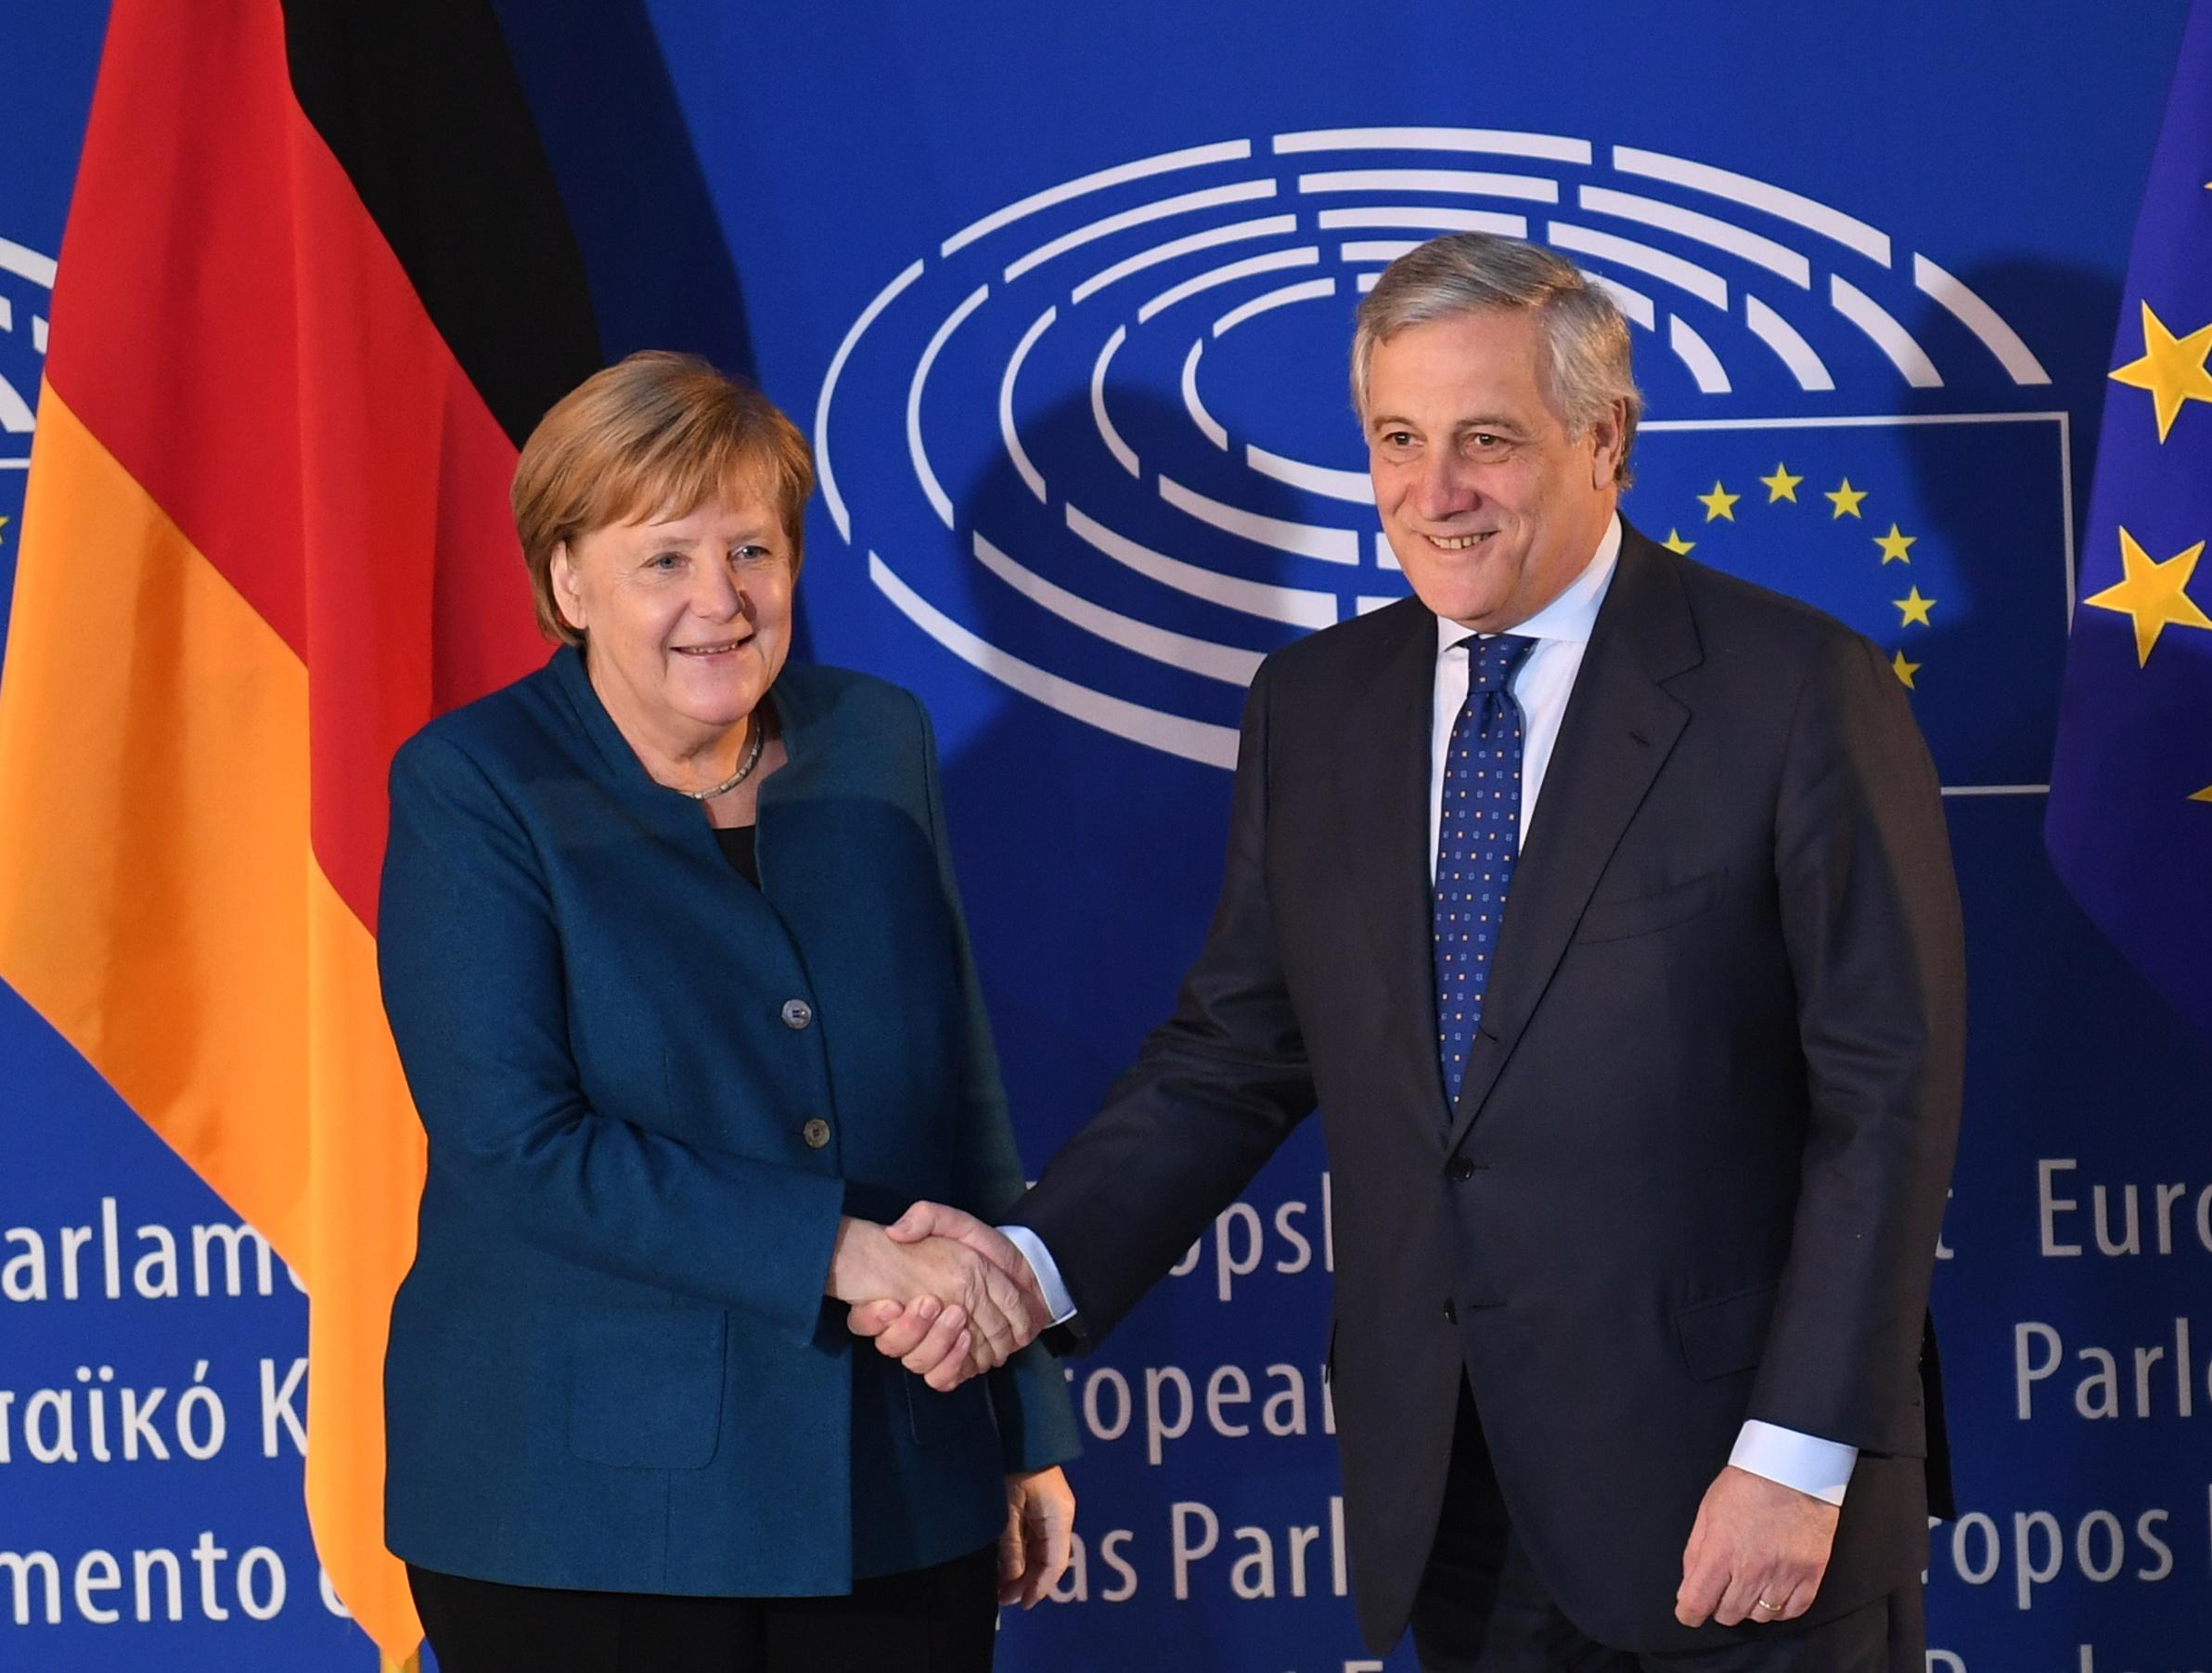 Merkel u Europskom parlamentu pozvala na zajedništvo i solidarnost